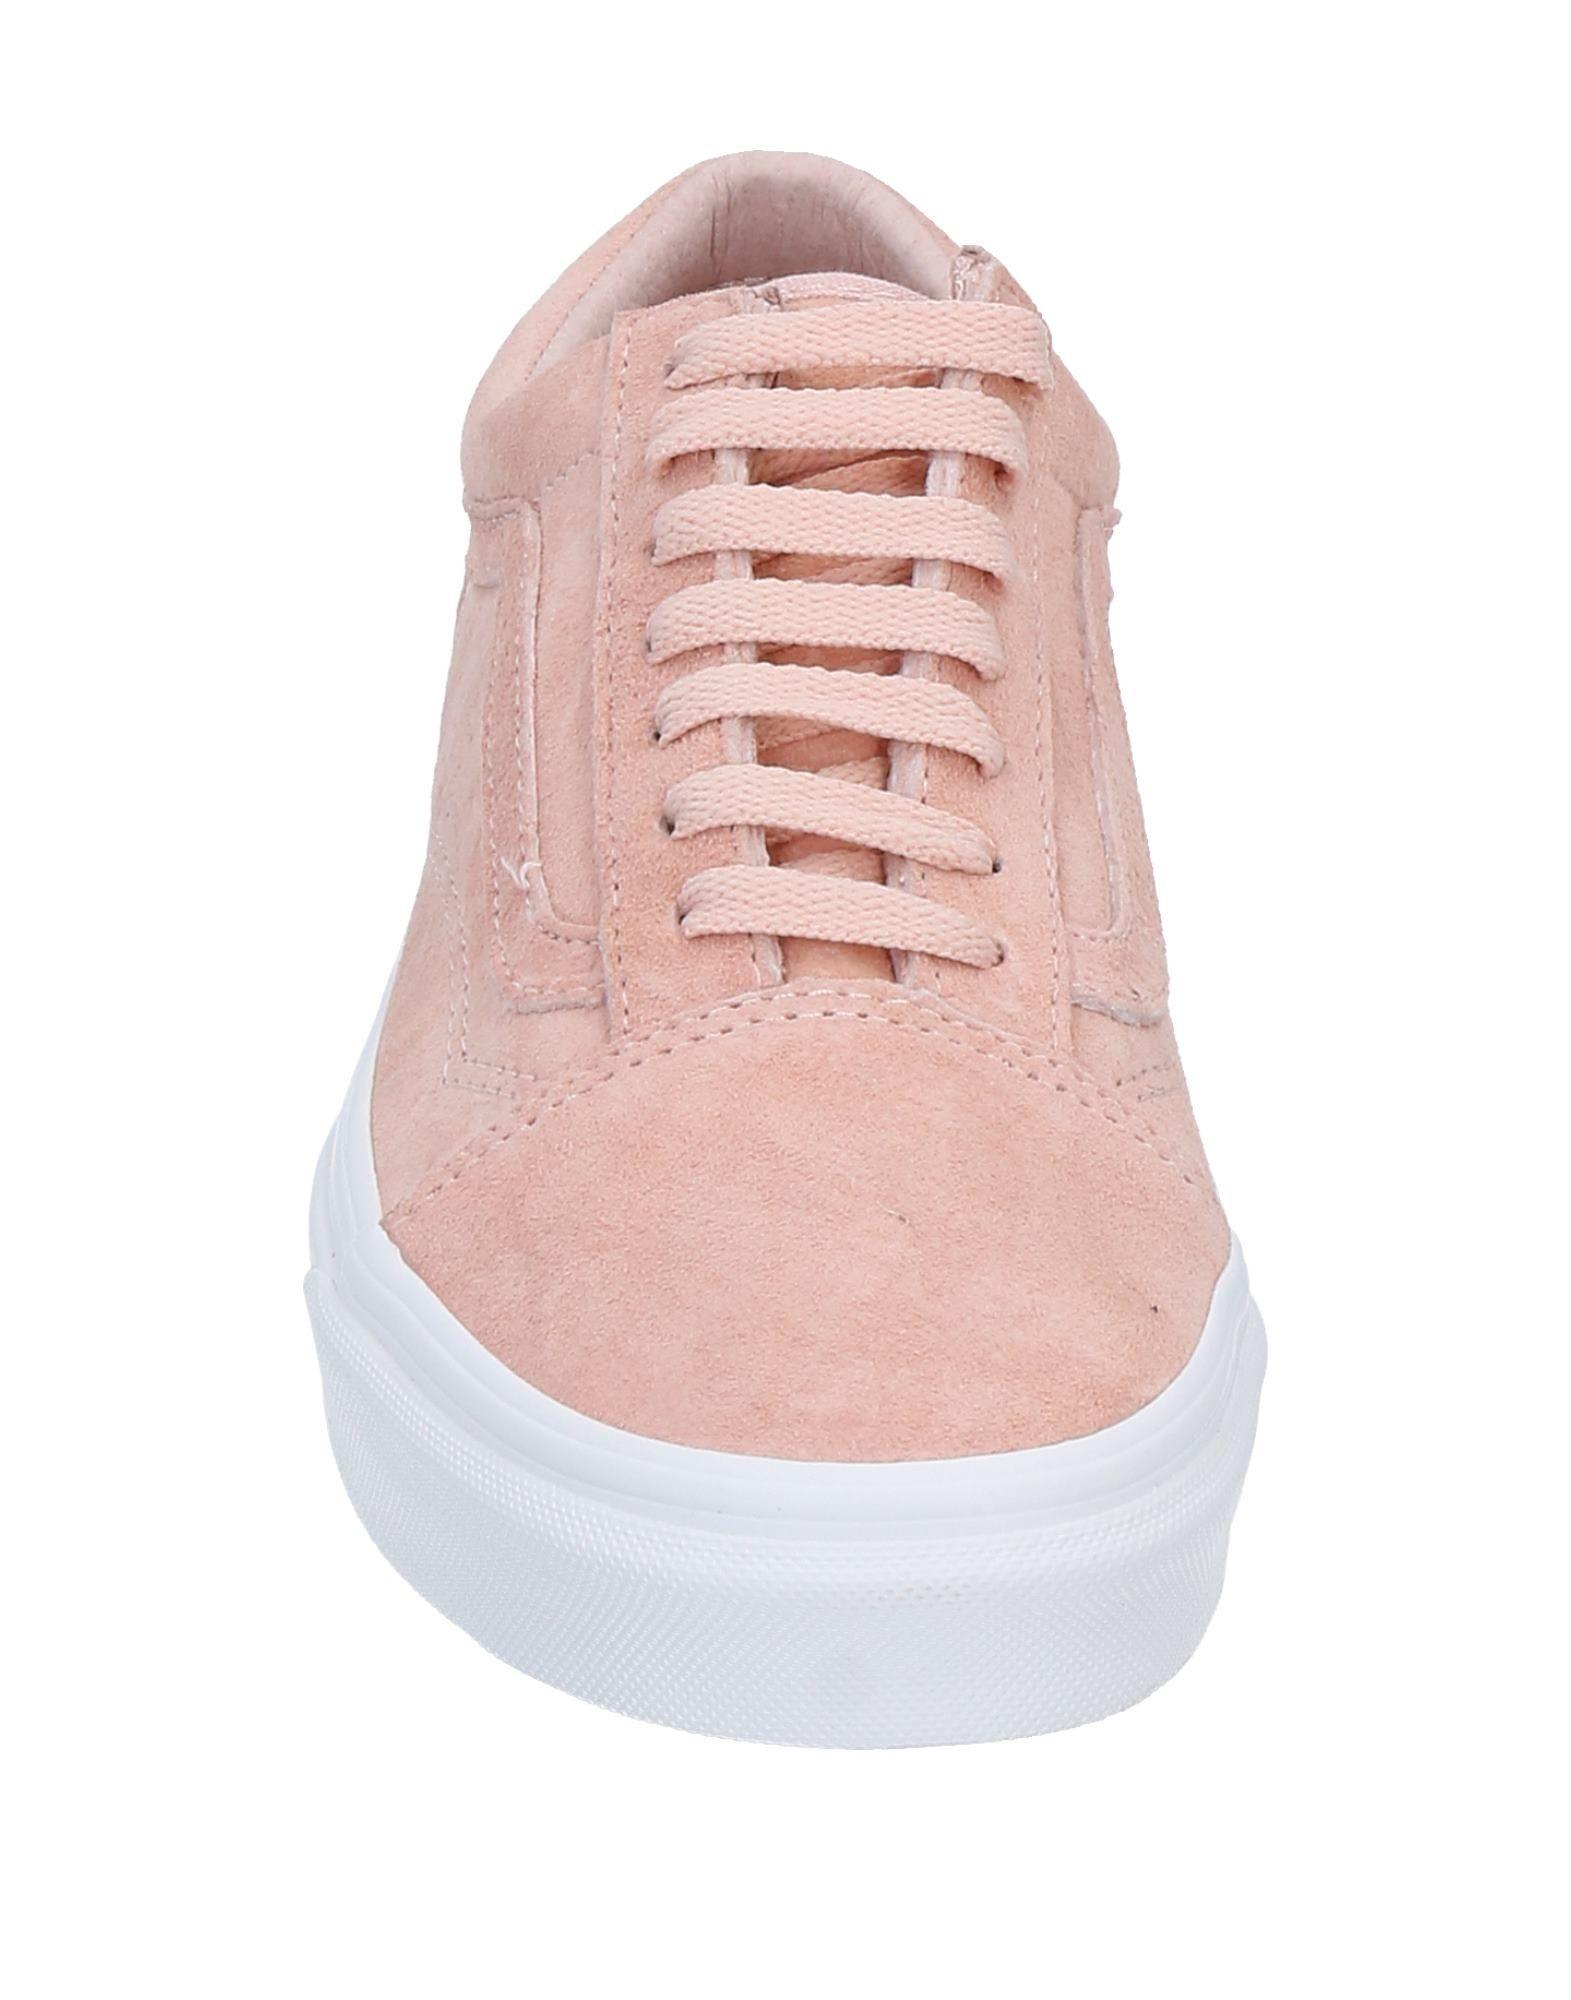 Billig-1958,Vans Sneakers Damen sich Gutes Preis-Leistungs-Verhältnis, es lohnt sich Damen b8bb1d